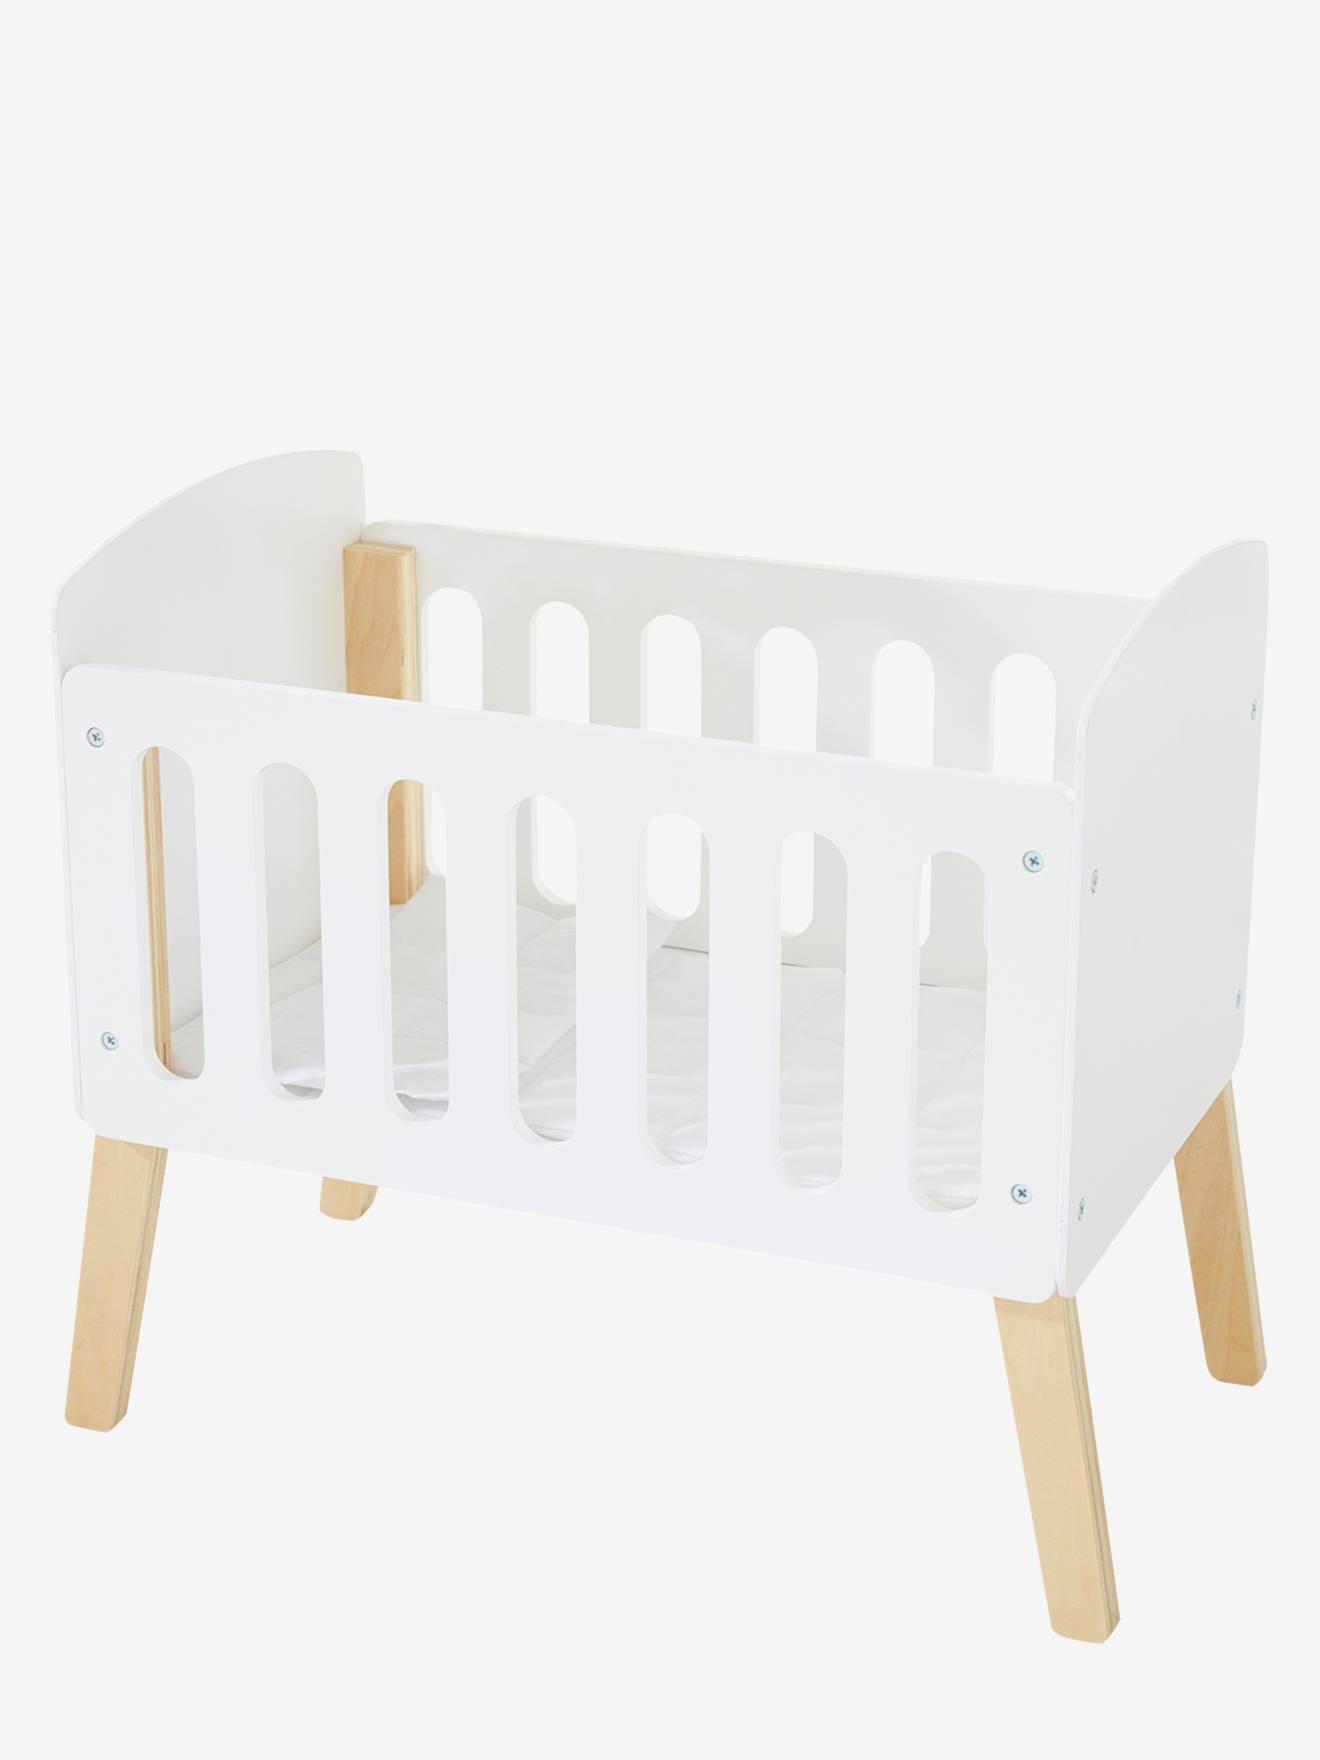 lit poupon sur pieds en bois blanc